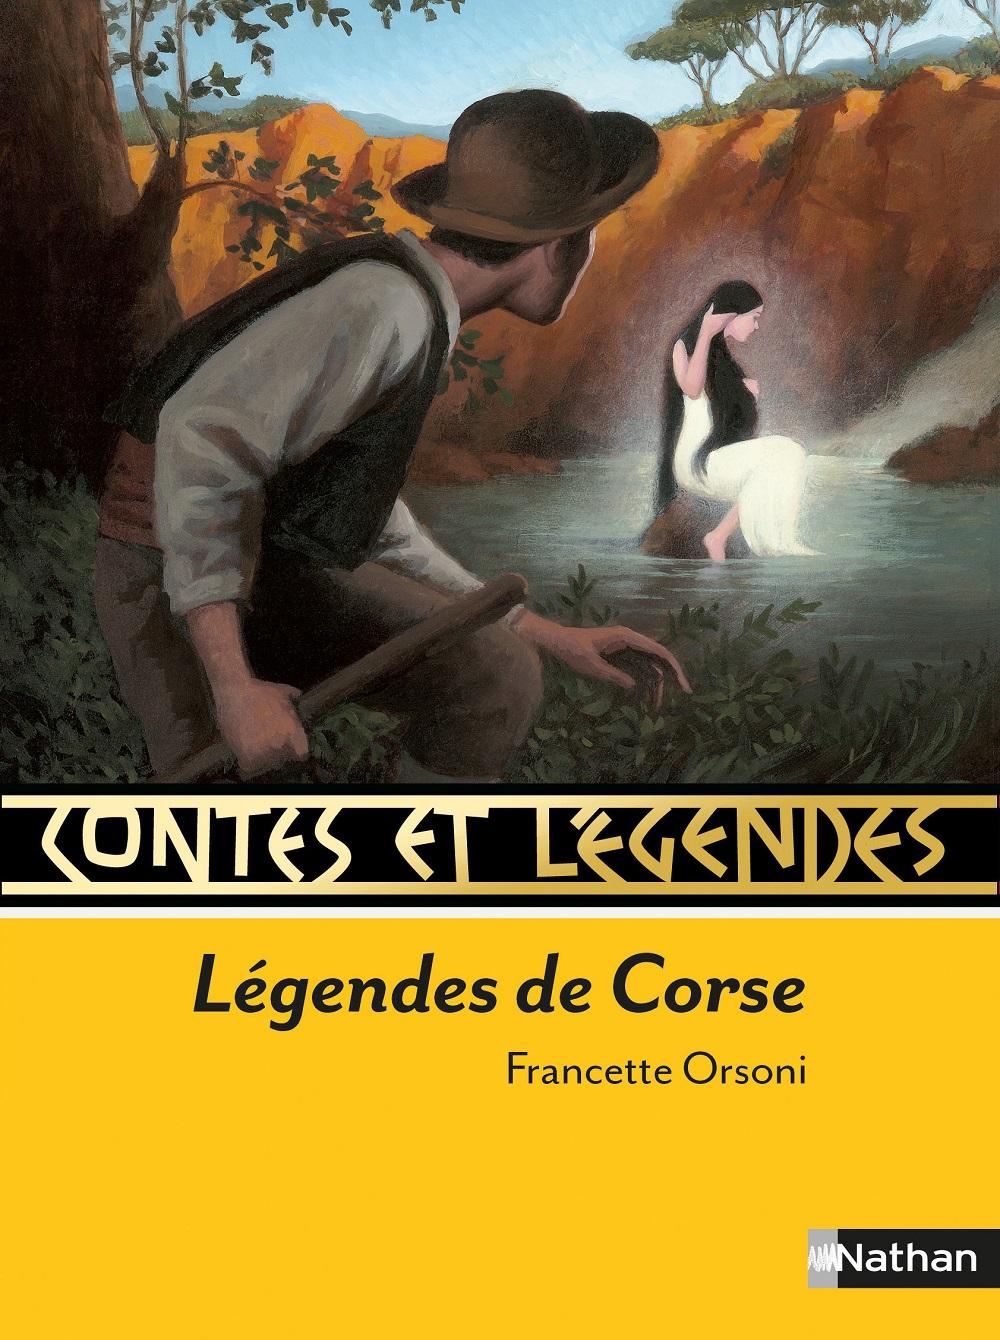 Legendes de Corse